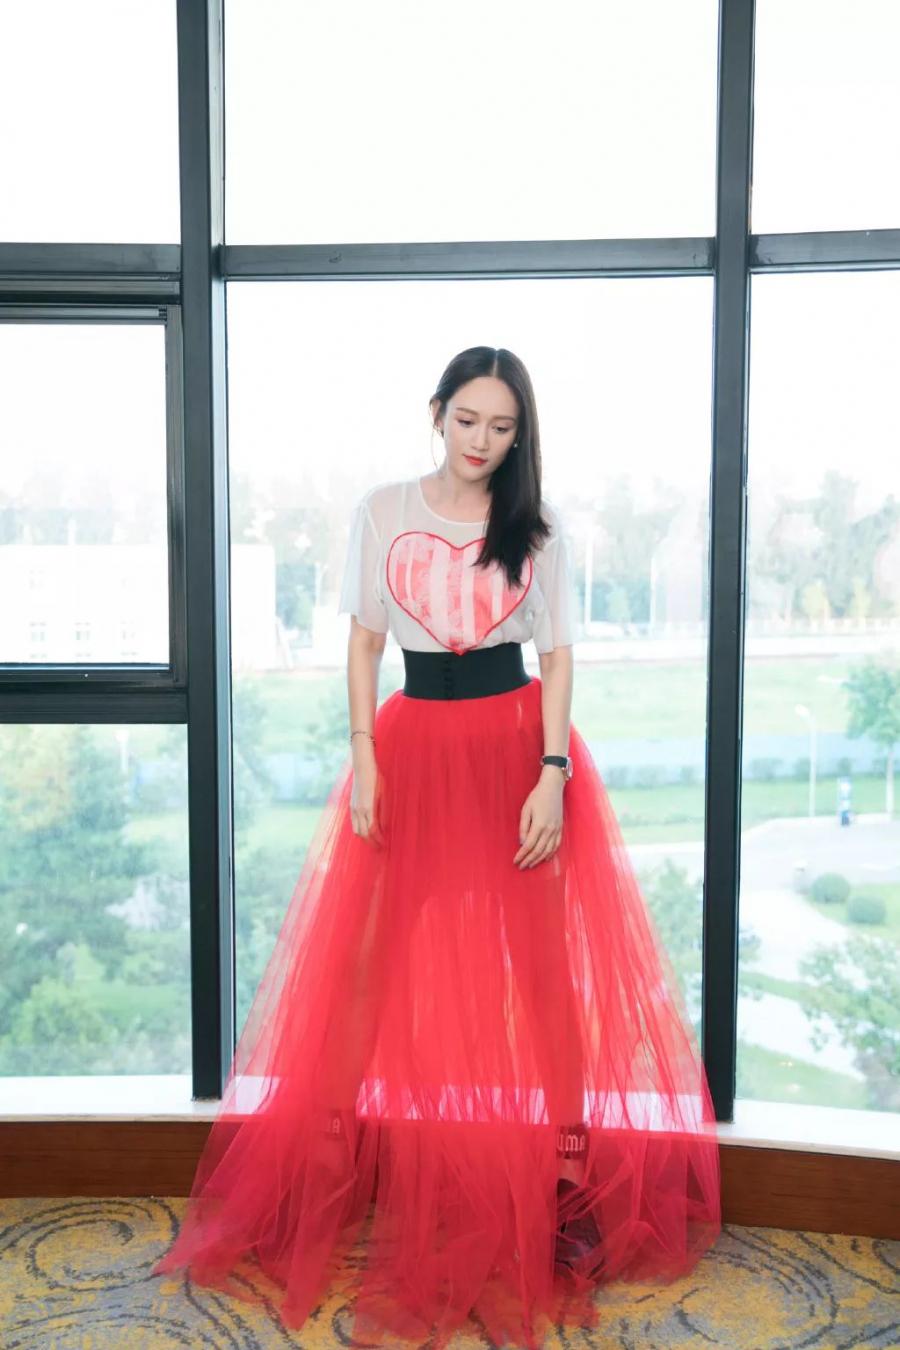 Trần Kiều Ân - Bóng hồng Đài Loan sở hữu vẻ đẹp không tuổi và phong cách thời trang vạn người mê - Hình 3